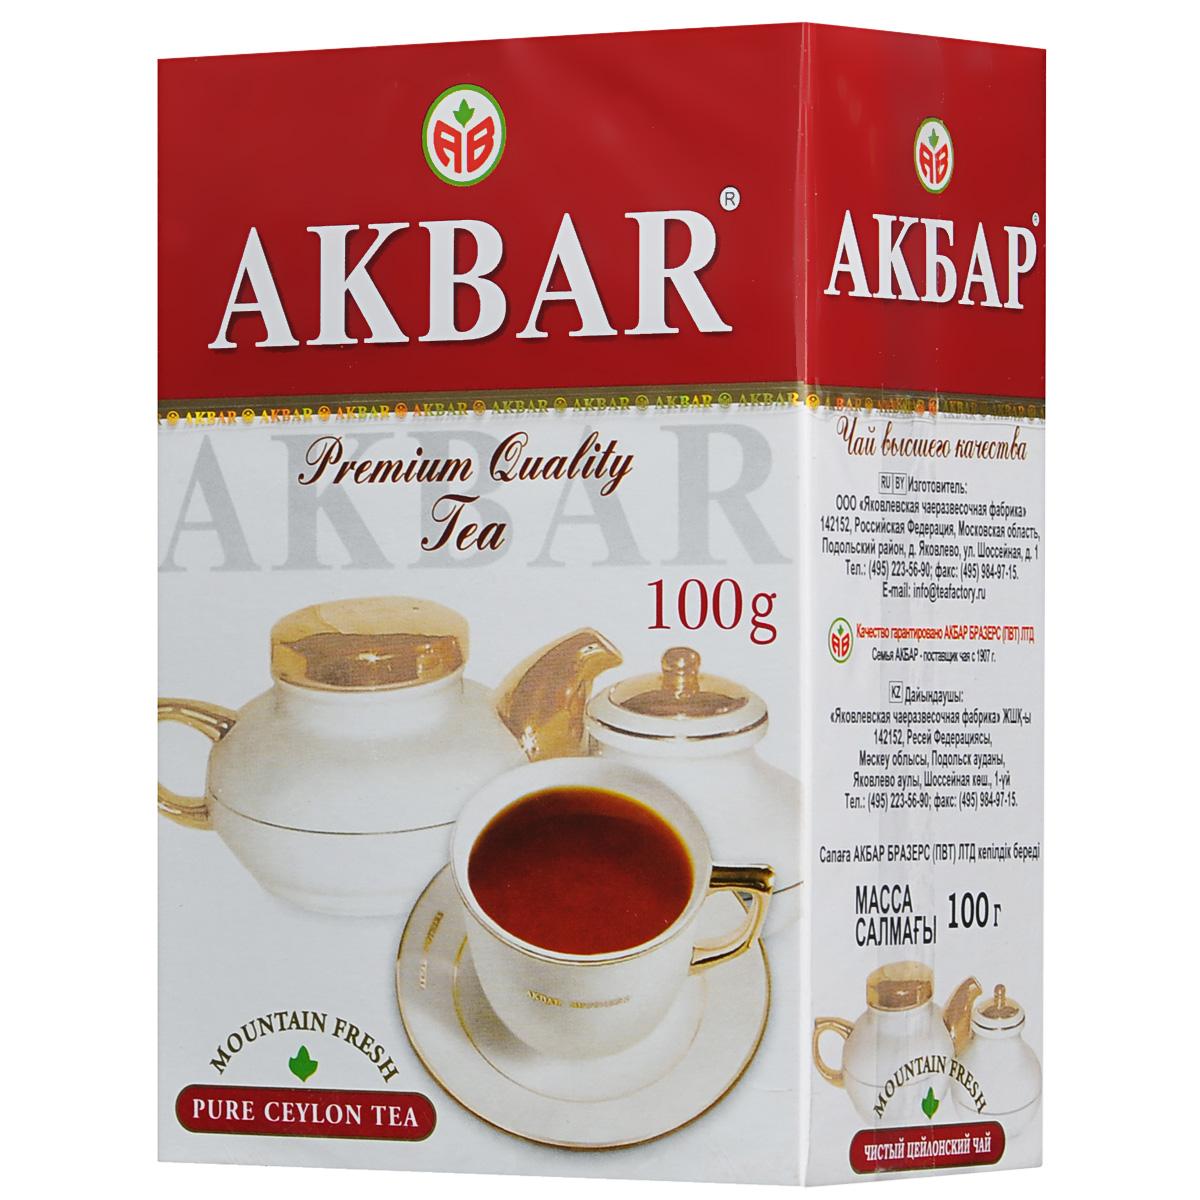 Akbar Mountain Fresh черный крупнолистовой чай, 100 г0120710Чай Akbar Mountain Fresh стандарта OPA – напиток для истинных ценителей вкуса и аромата крупнолистового чая высшего качества. При его производстве используются специальные технологии, позволяющие максимально сократить механическое воздействие на чайный лист. Чай Akbar Mountain Freshдает крепкий настой с насыщенным вкусом и густым неповторимым ароматом.